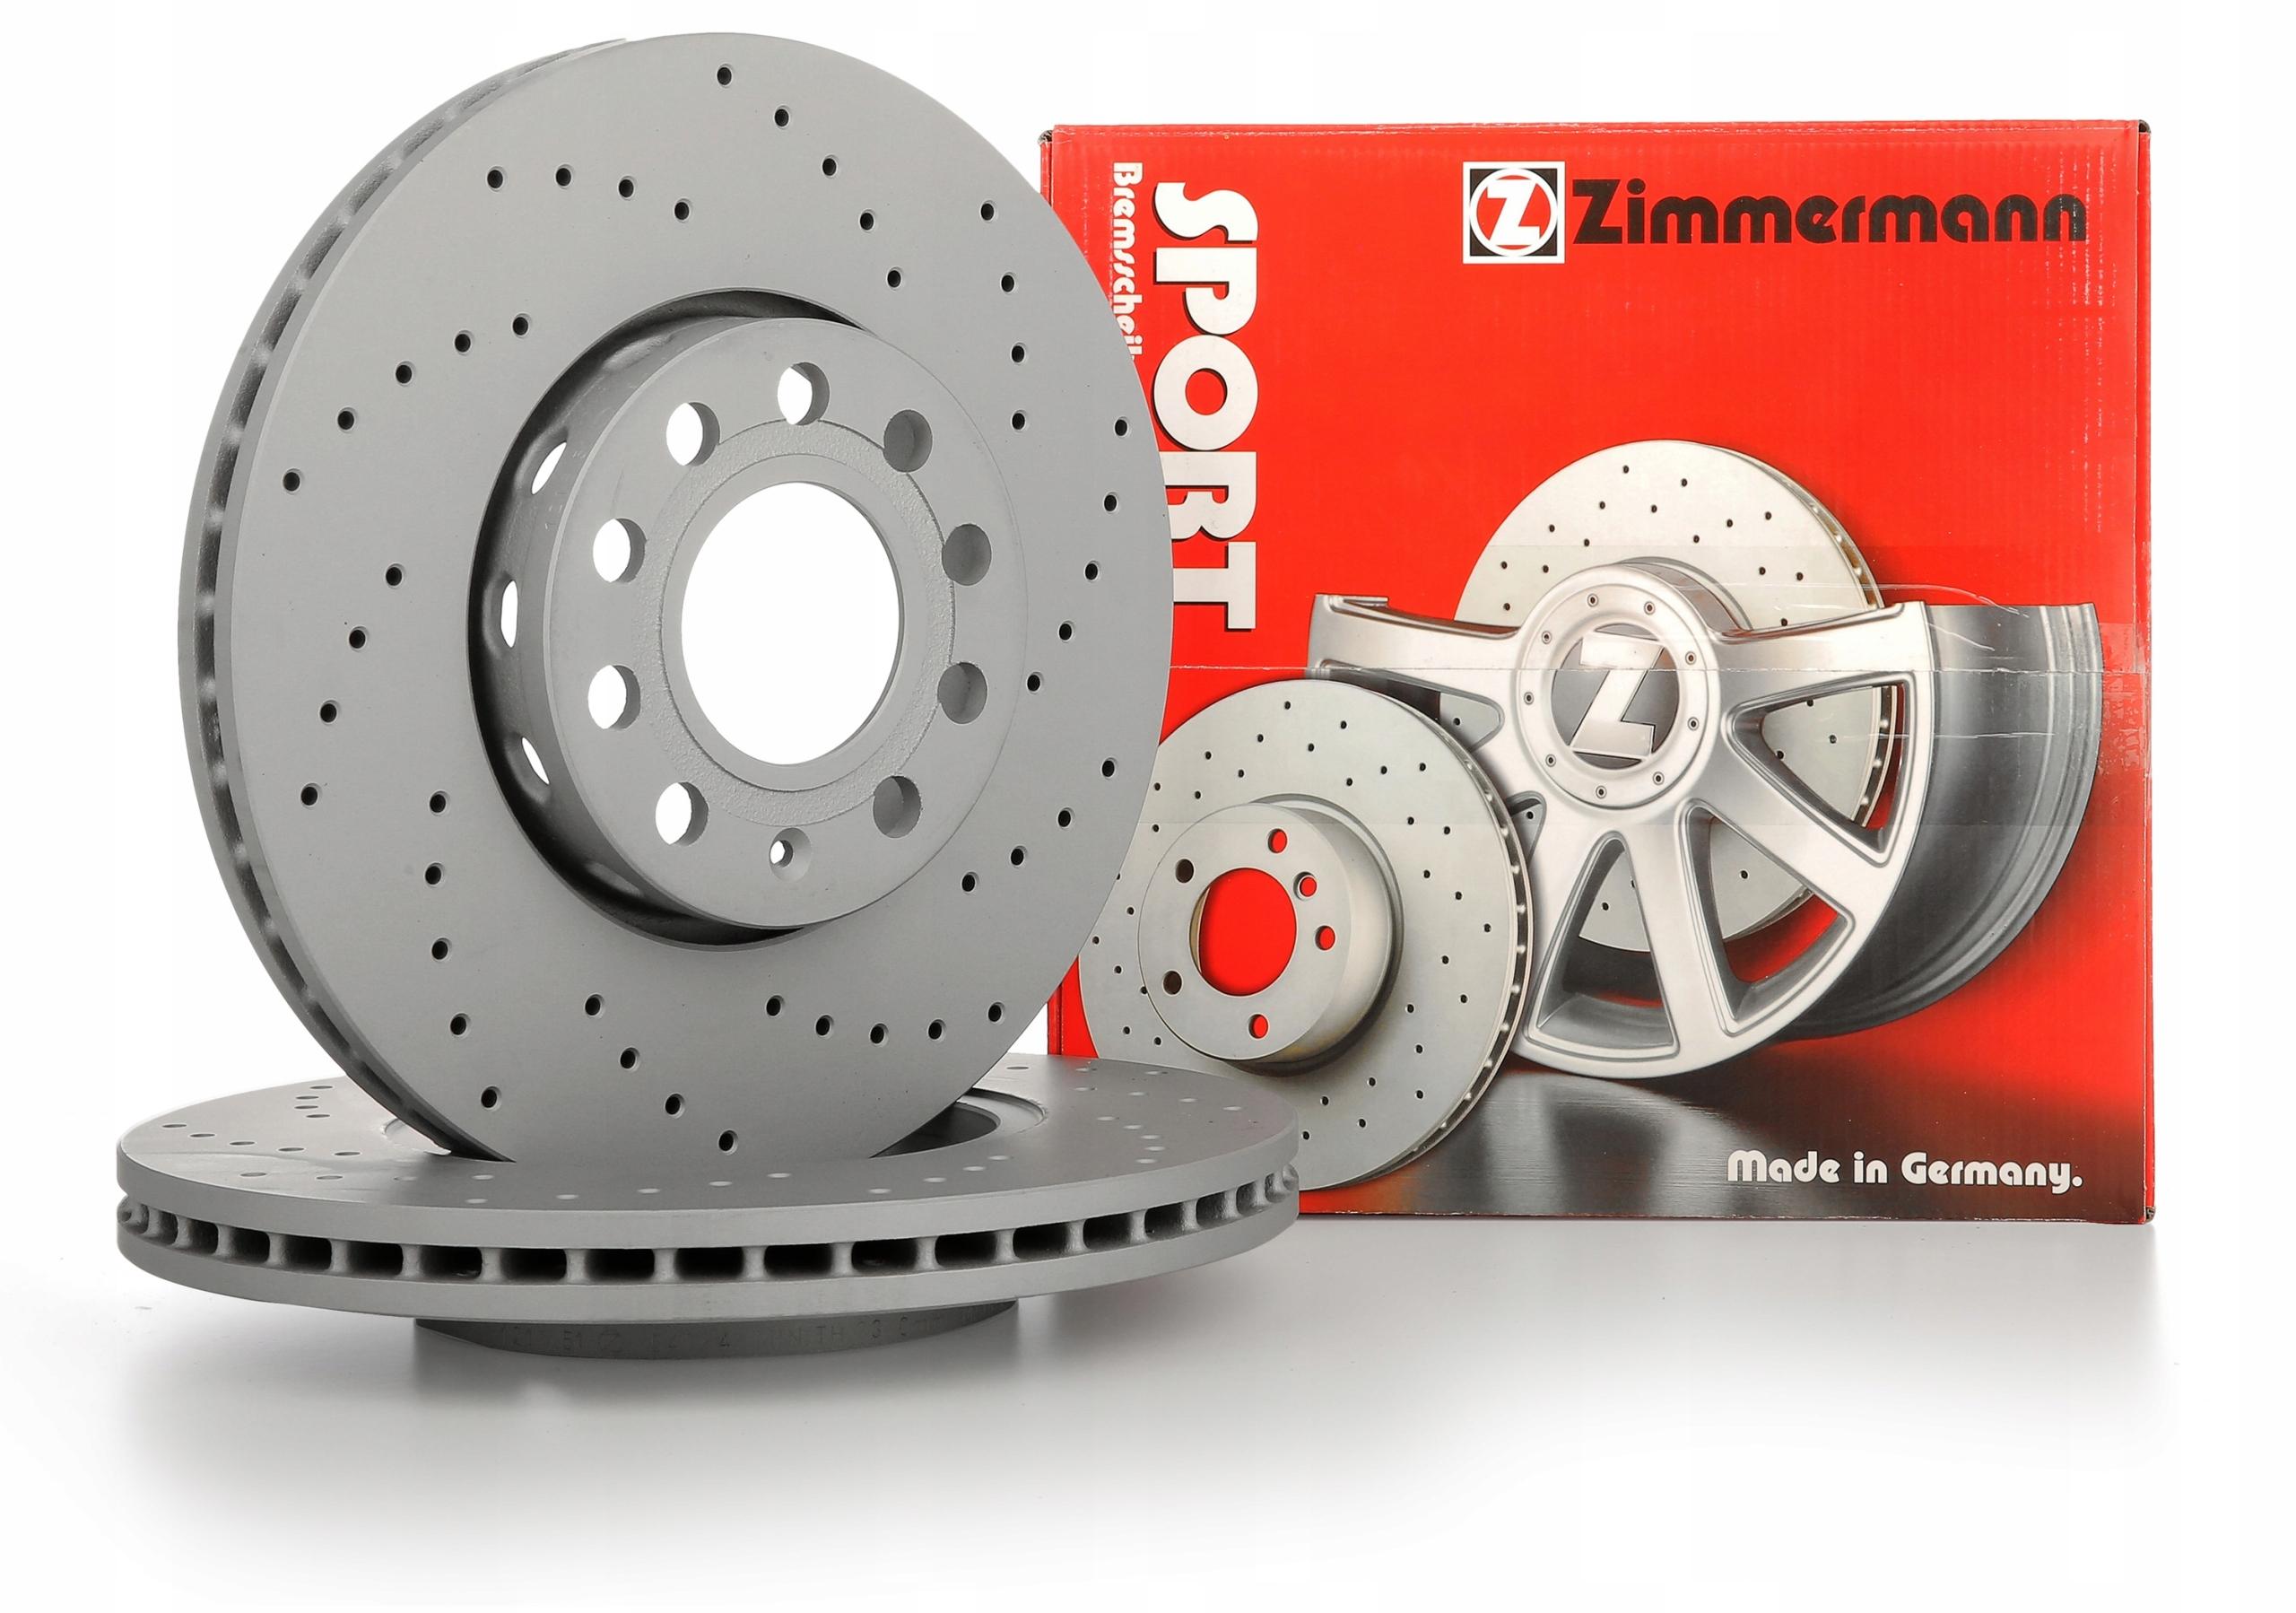 диски zimmermann спорт вперед - audi a6 c6 347mm